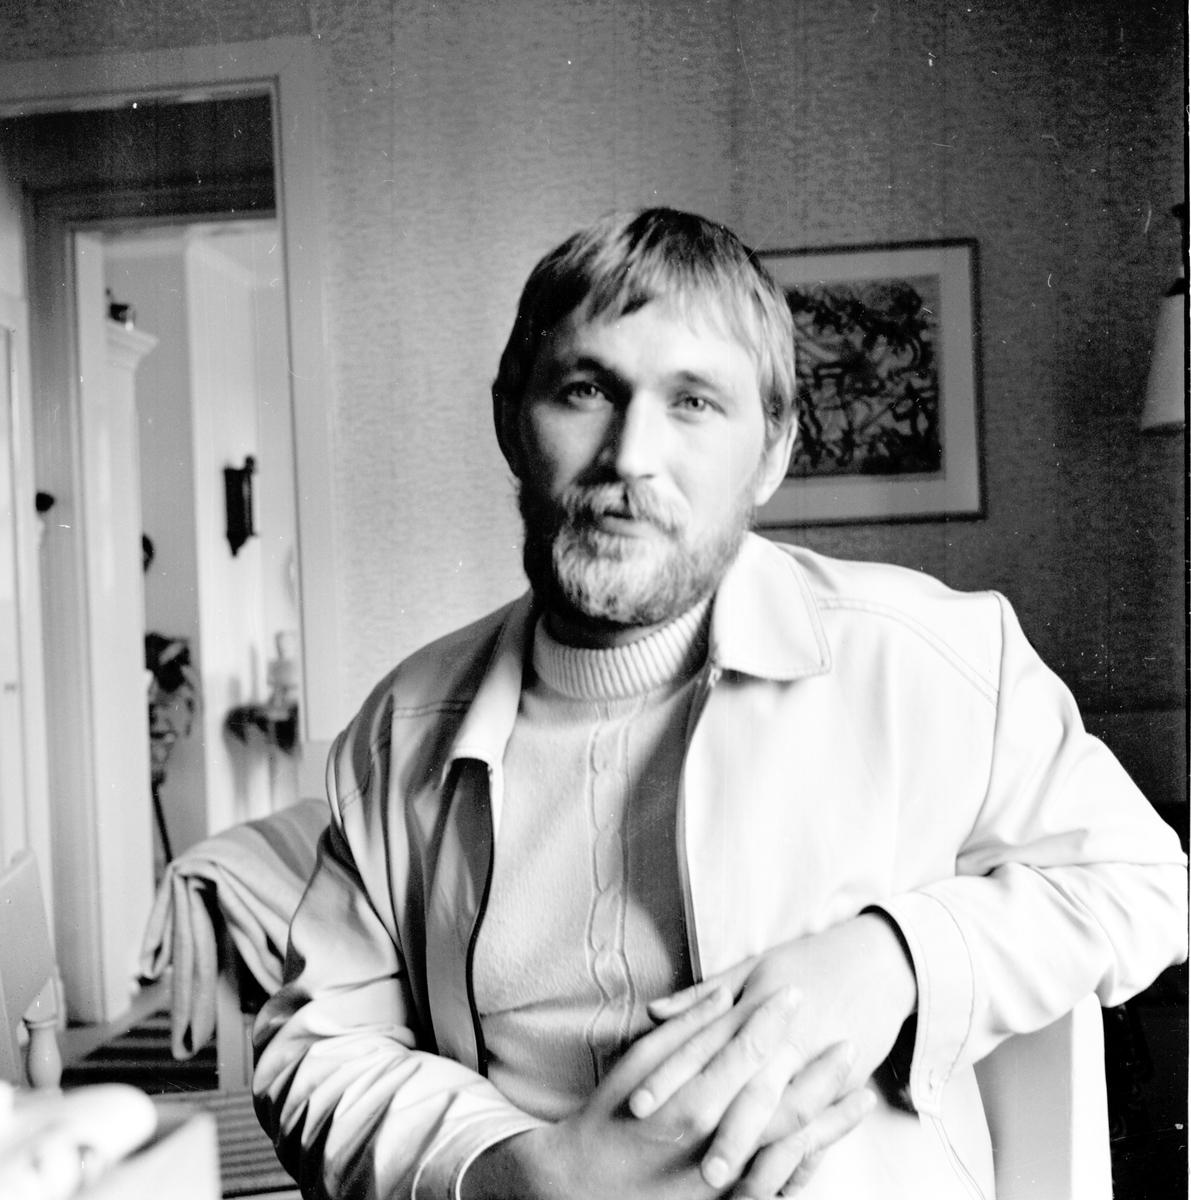 Arbrå, Ulf Arbinger, fritidsass. 1971